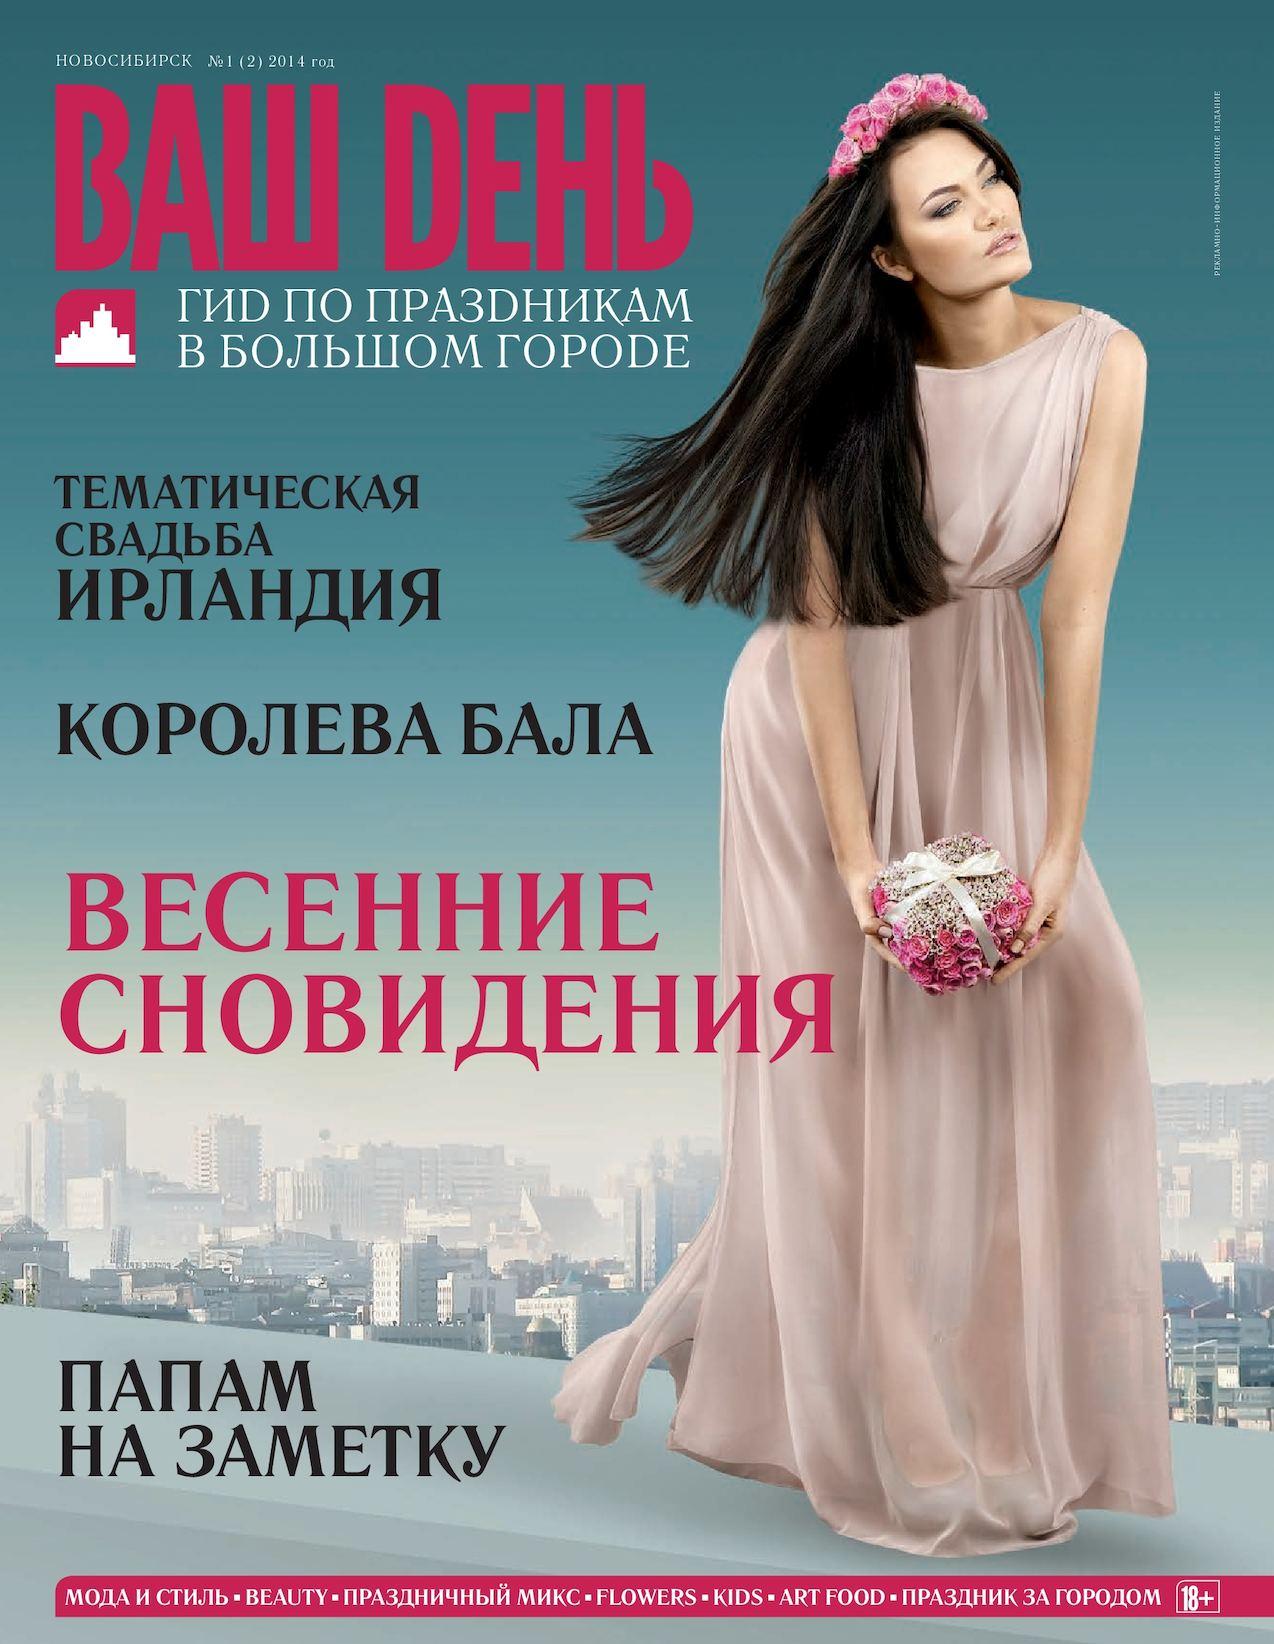 f67e8d12e5c2 Calaméo - журнал Ваш Dень № 1 за 2014